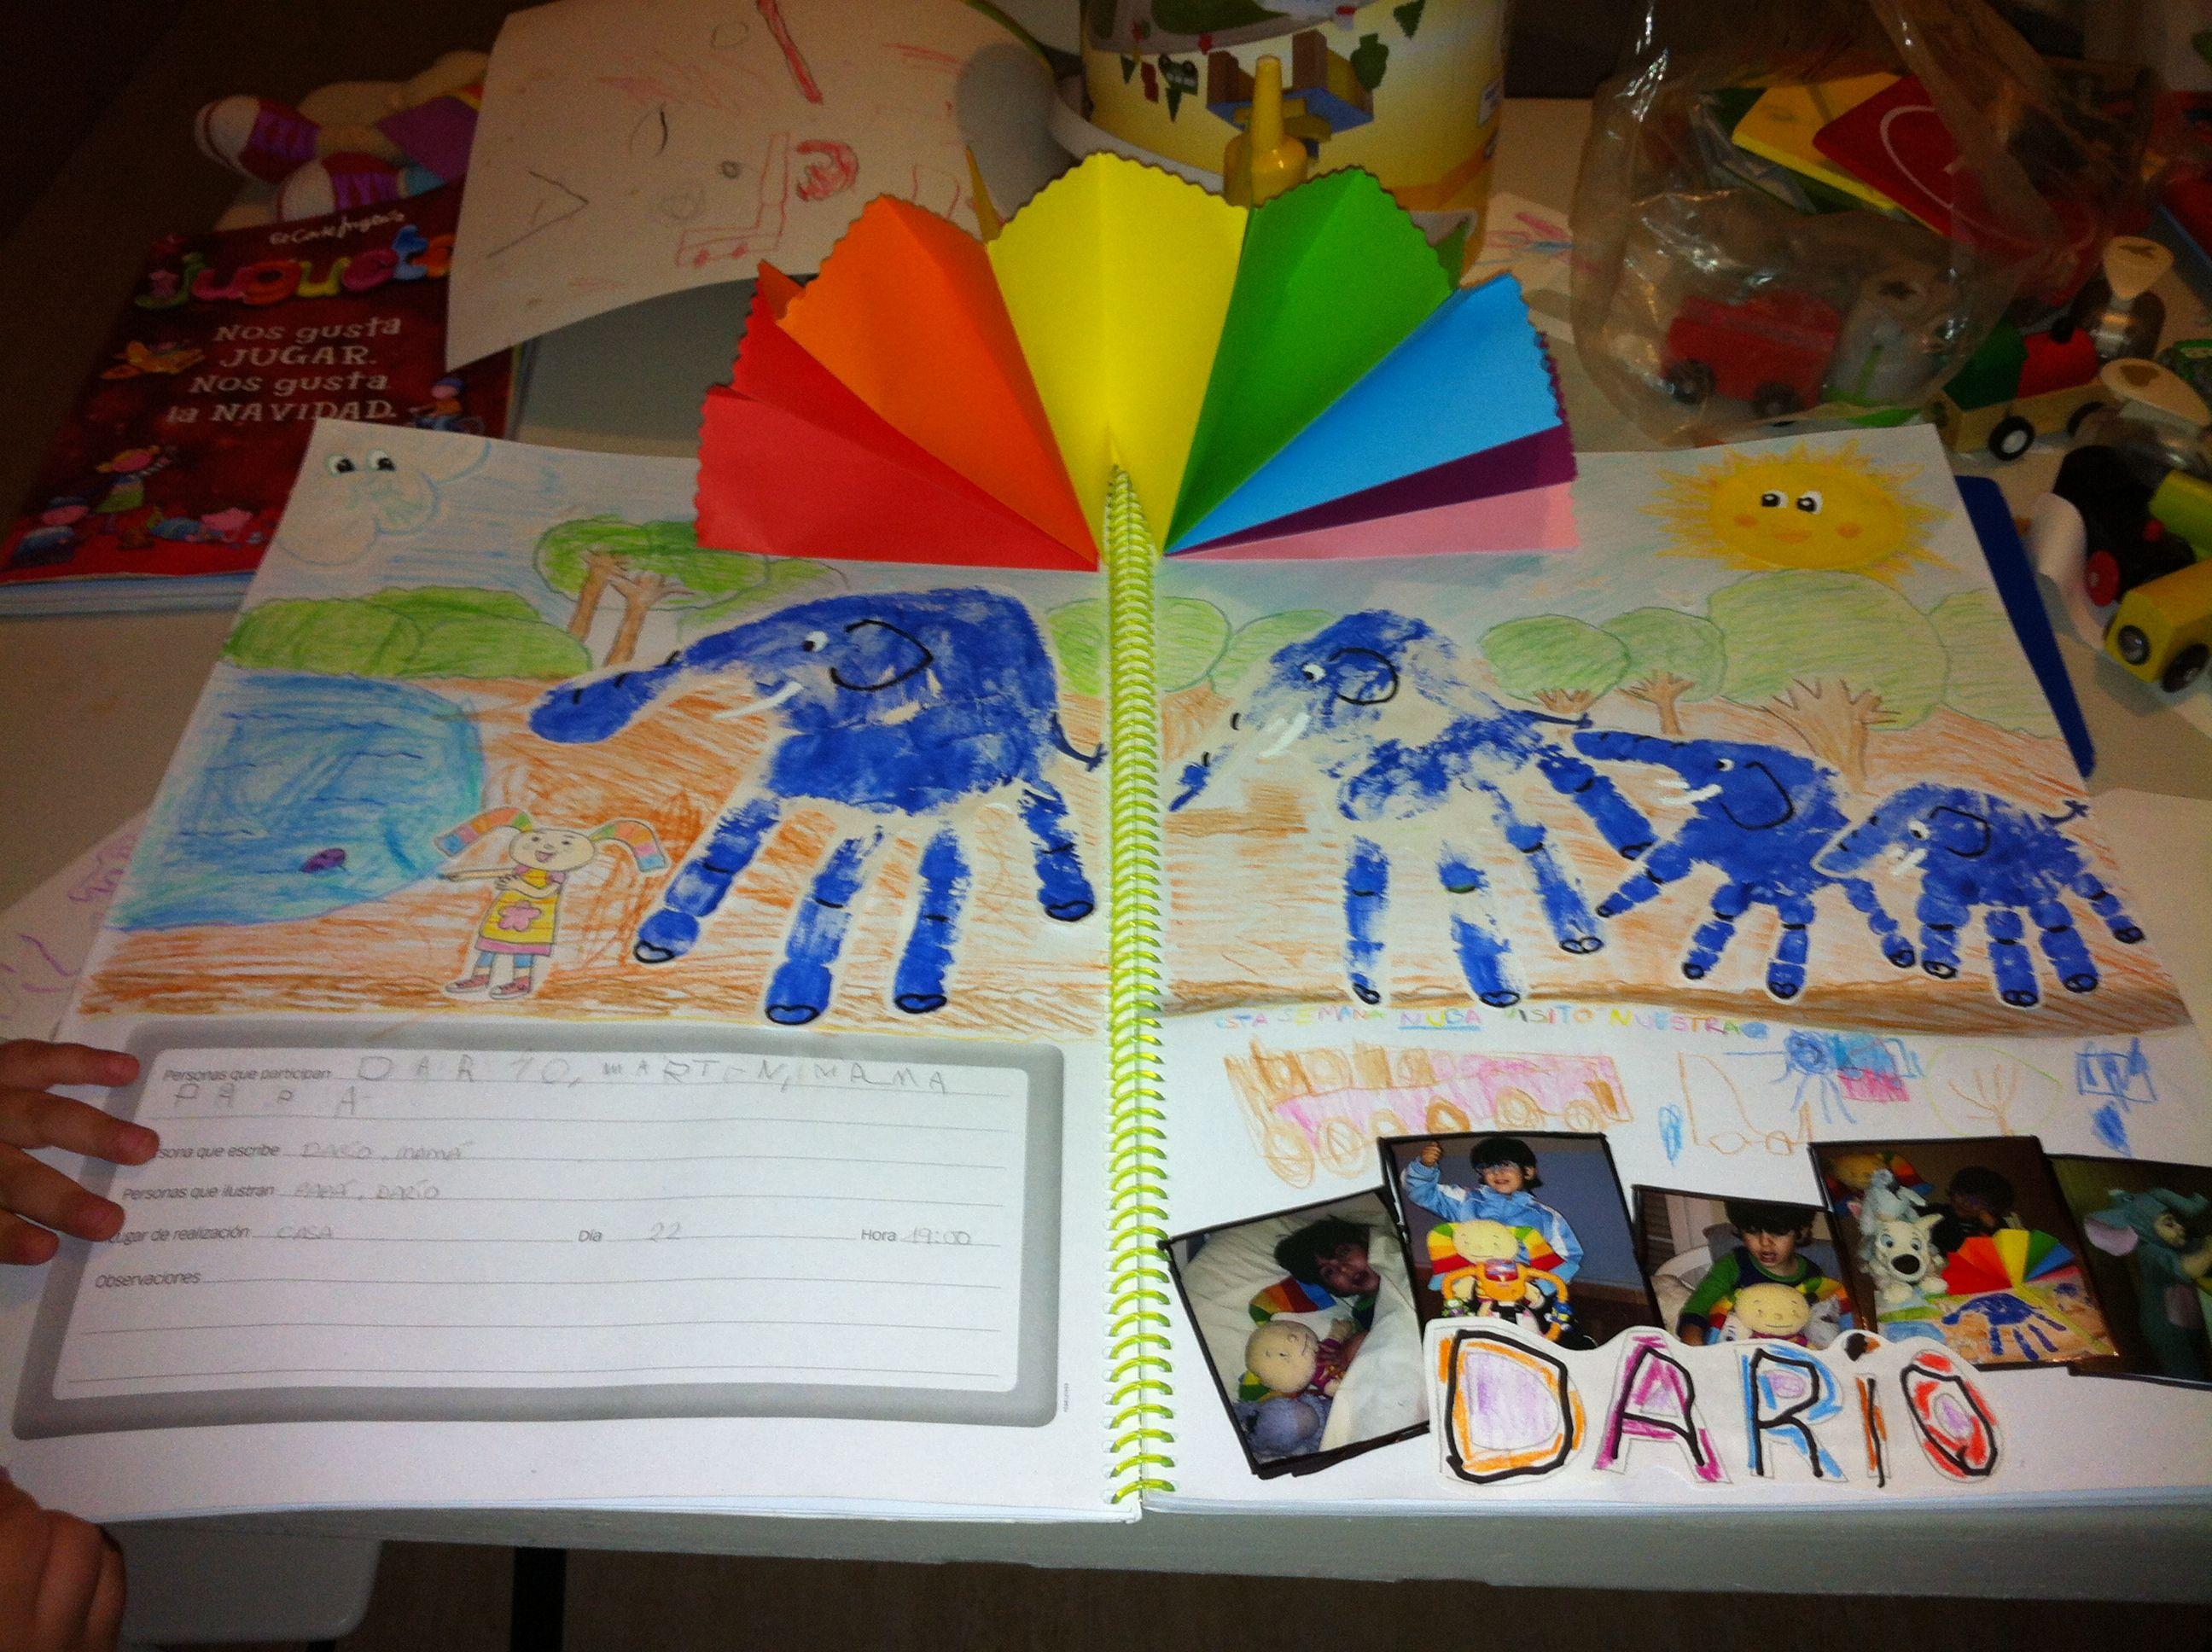 Nuba libro viajero libro viajero pinterest ideas para - Ideas libro viajero infantil ...